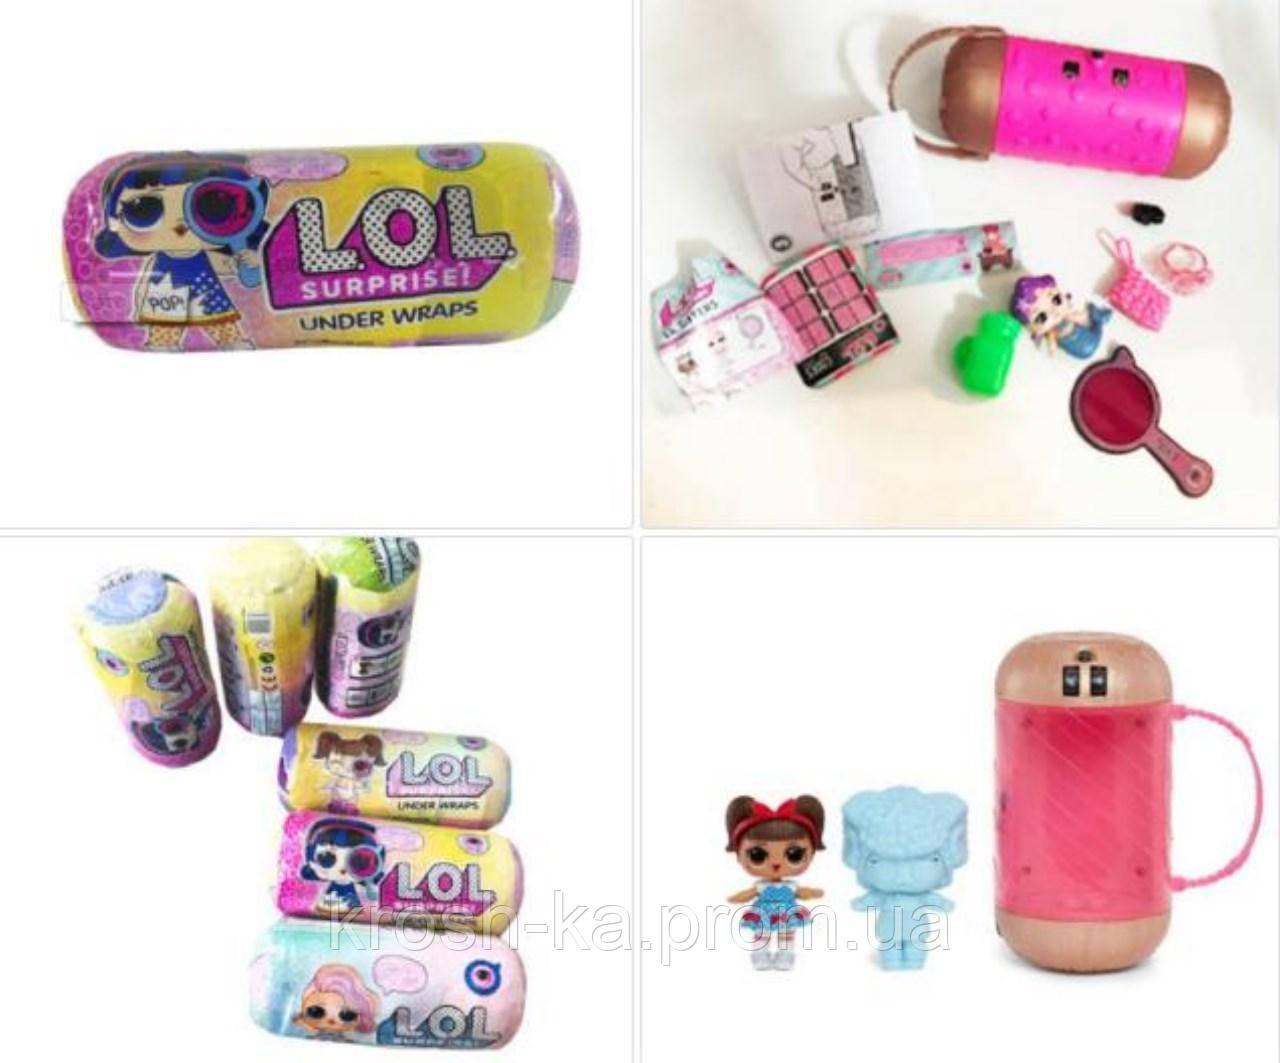 Игровой набор Кукла LOL Surprise мини капсула Китай 9876